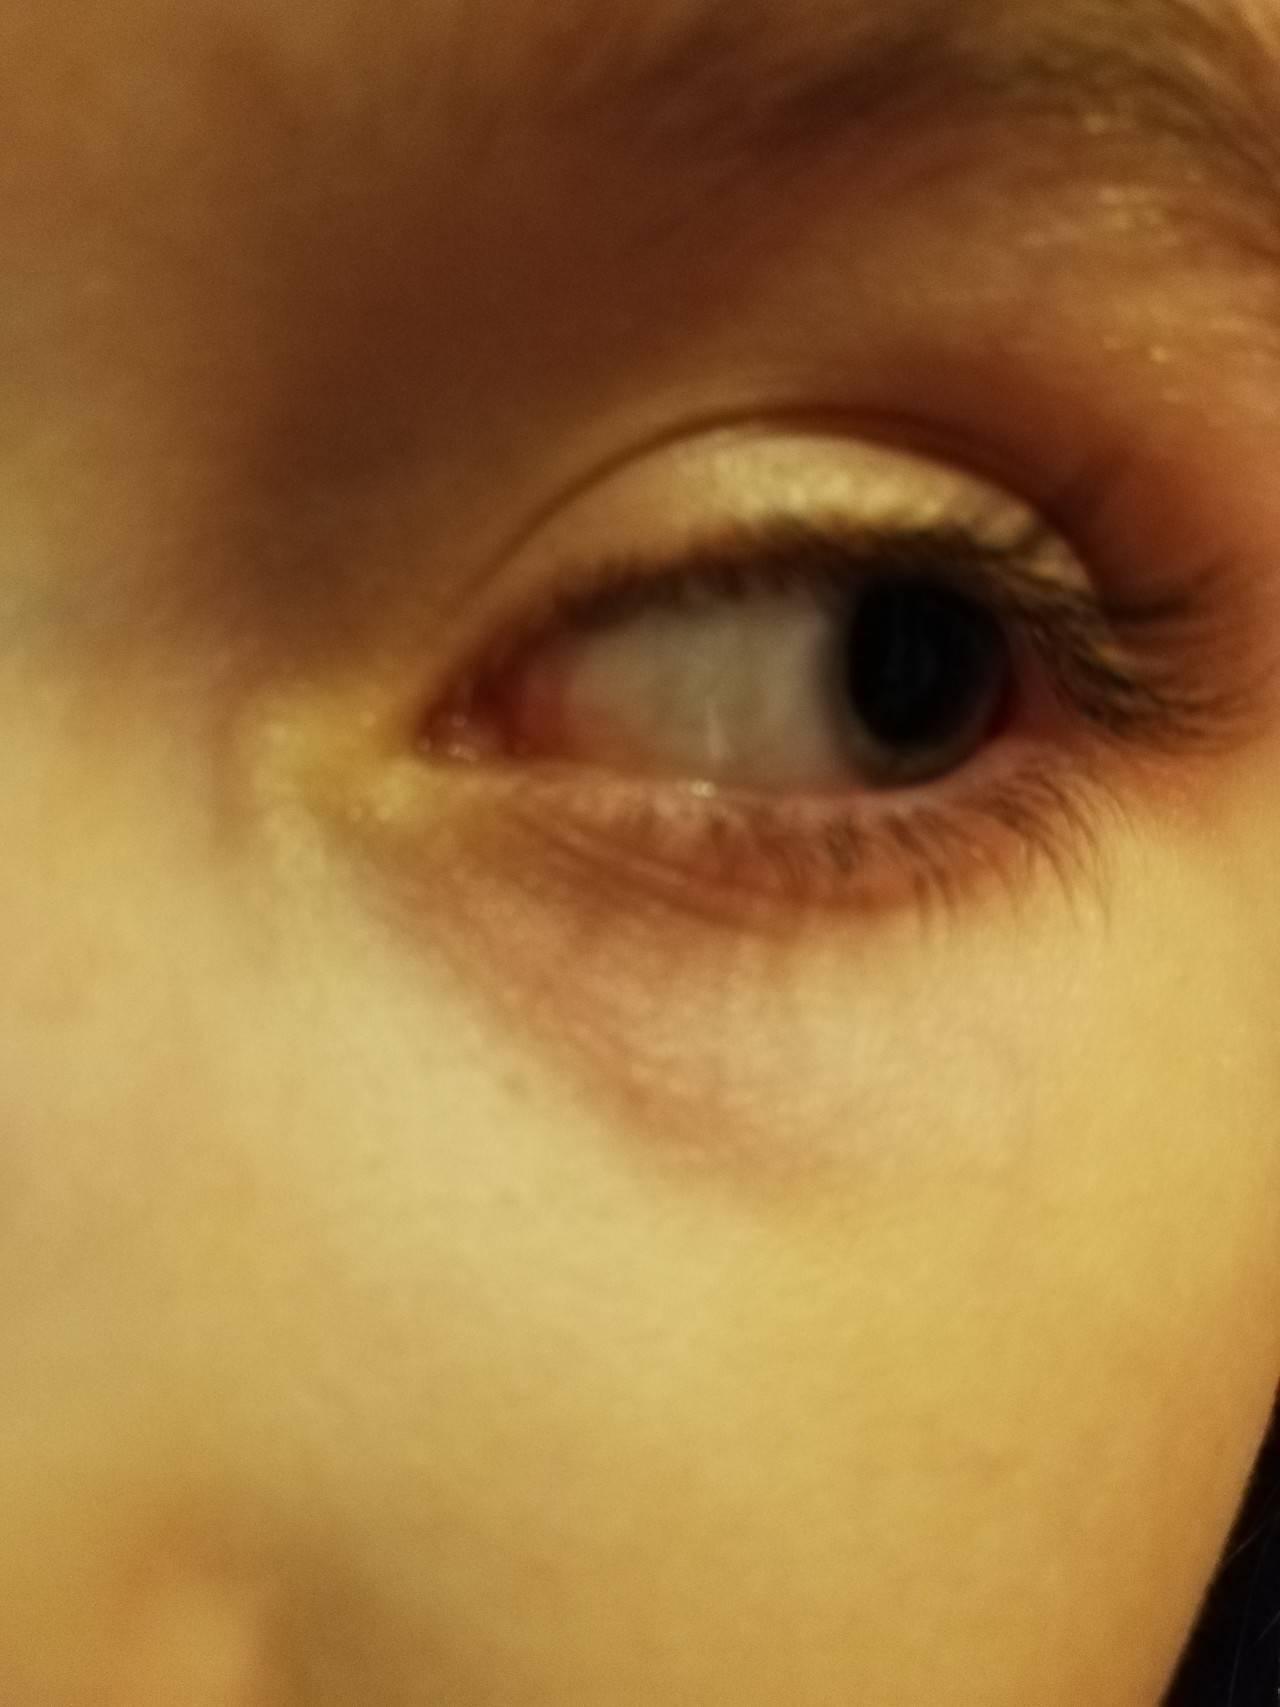 При каких заболеваниях появляется воспаление в уголке глаза